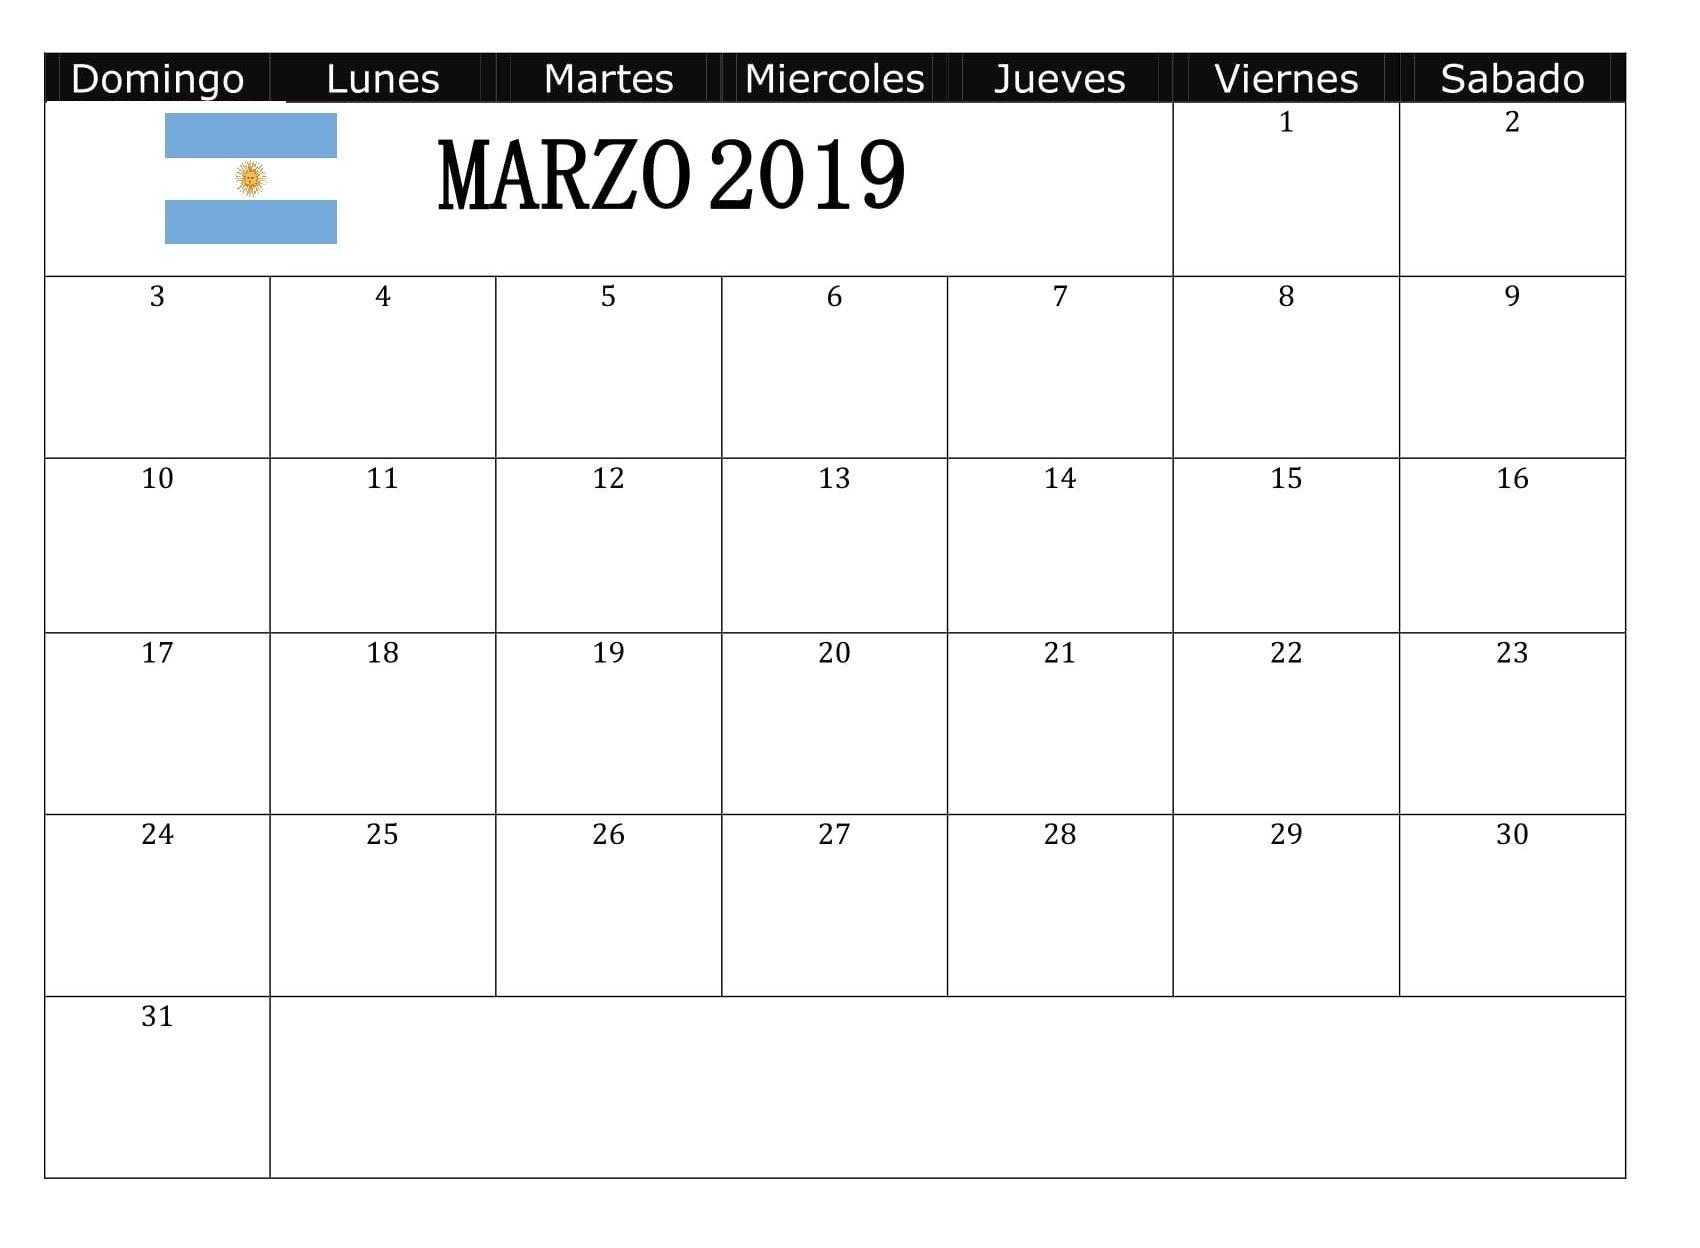 Calendario Enero 2019 Con Festivos Colombia Mejores Y Más Novedosos Calendario Marzo 2019 Argentina Of Calendario Enero 2019 Con Festivos Colombia Actual Image for Febrero Argentina Calendario 2018